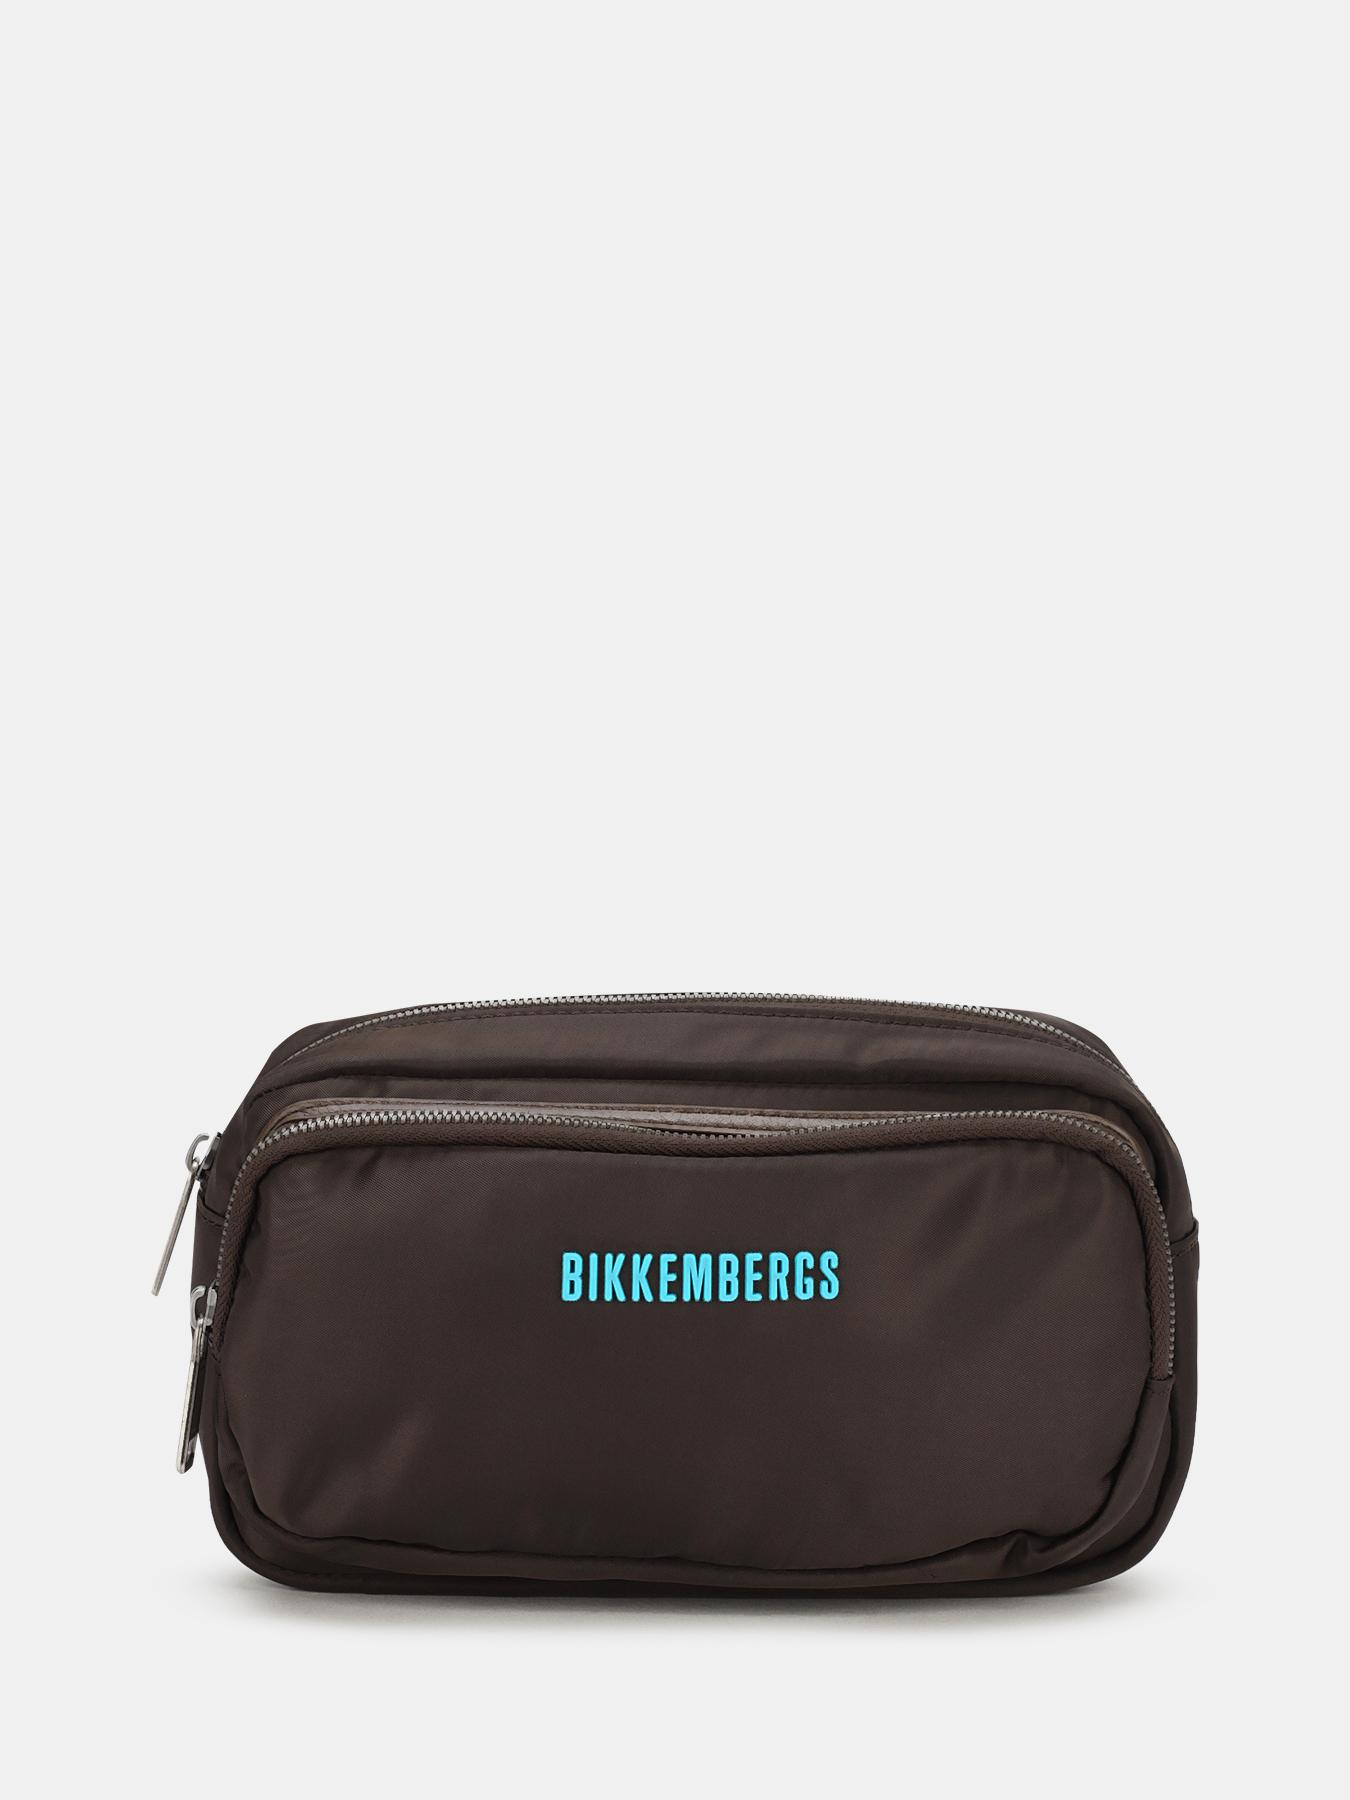 Фото - Поясные сумки Bikkembergs Поясная сумка сумка поясная solo искусственная кожа желтый